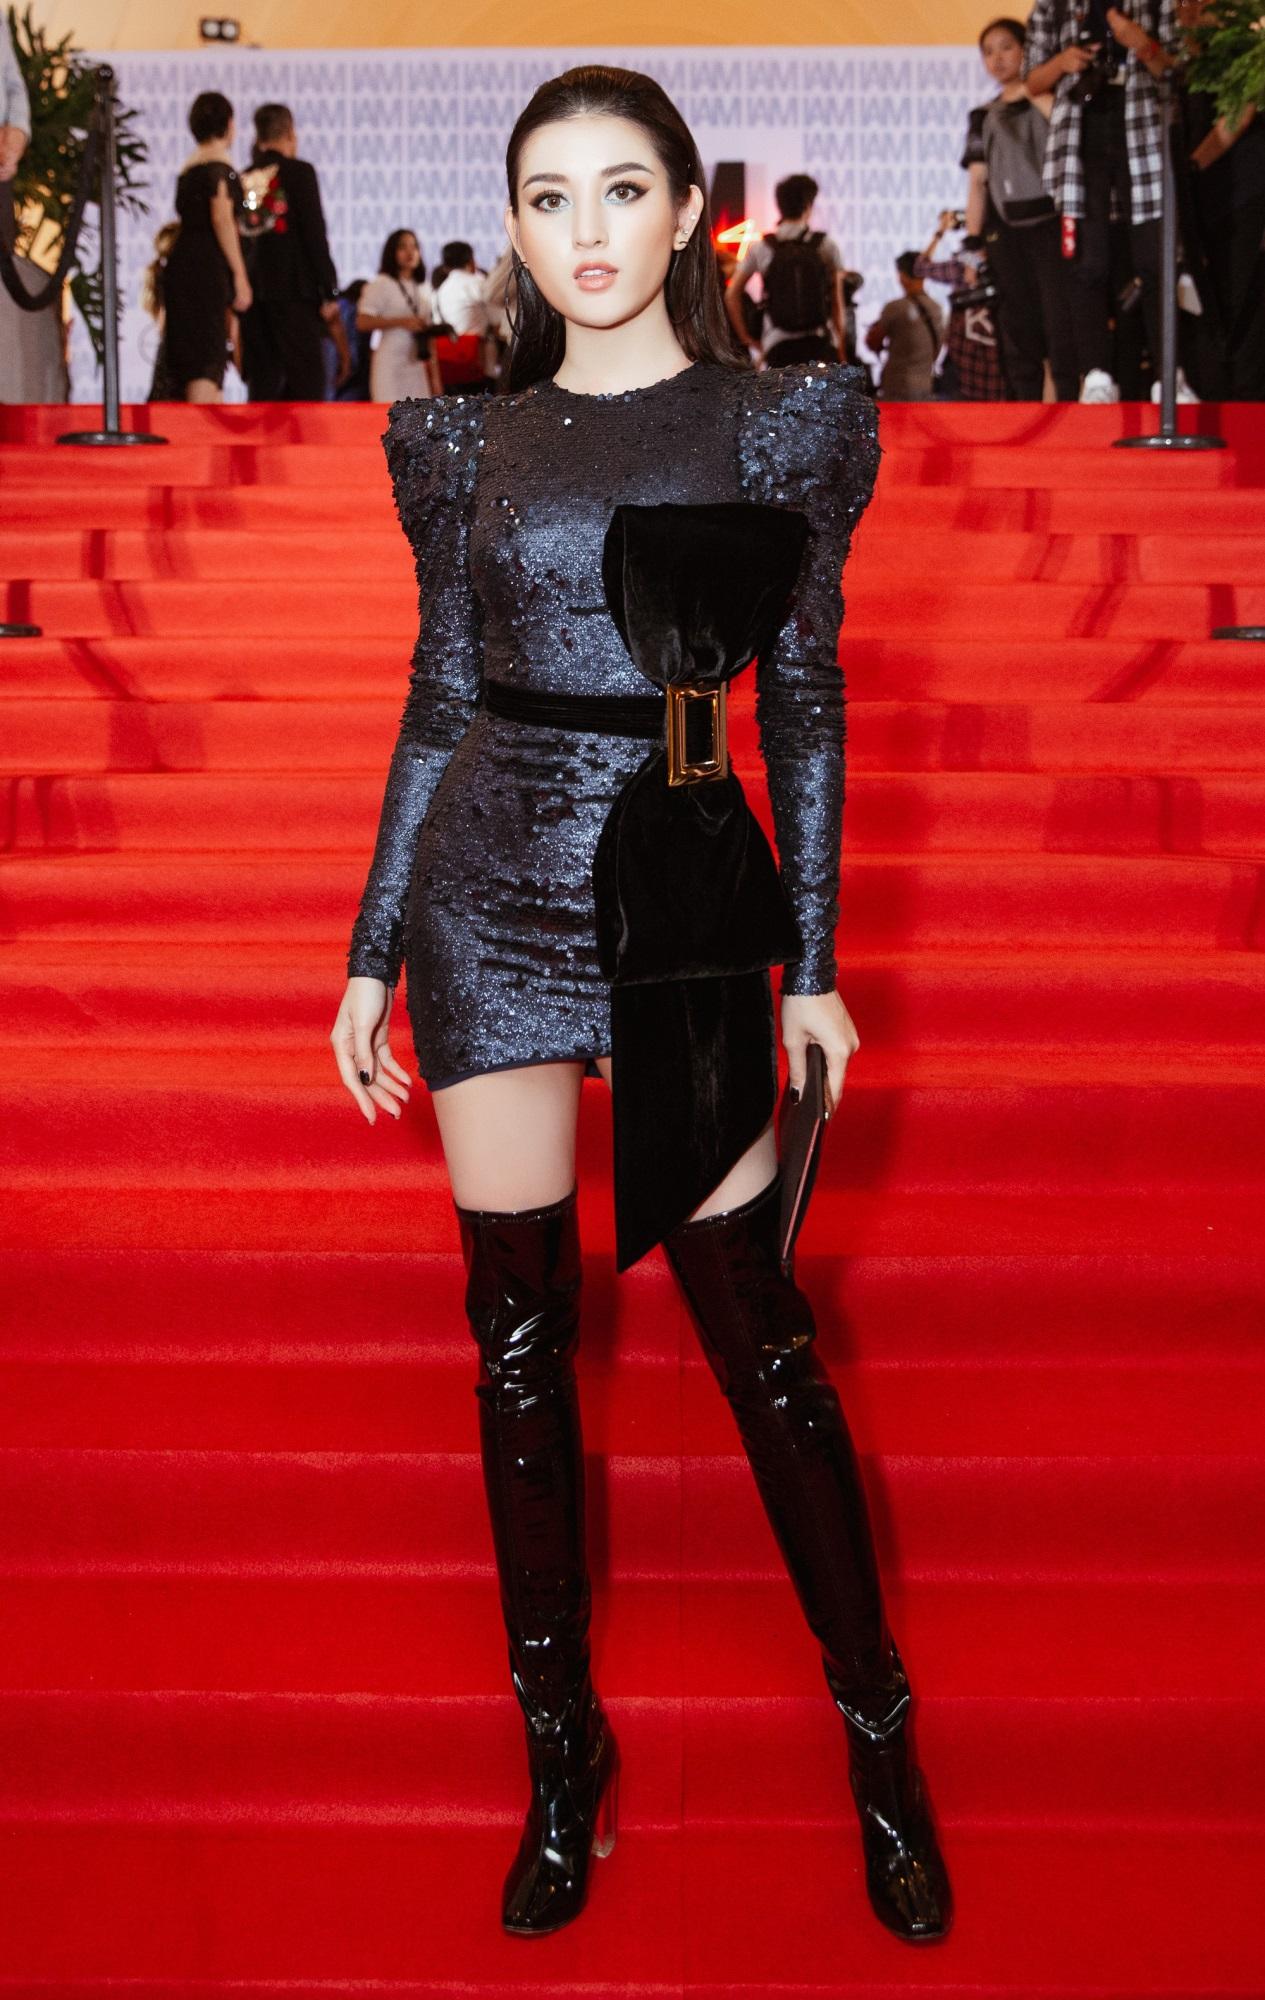 Thảm đỏ show Chung Thanh Phong: Khi dàn sao nữ đồng loạt lên đồ như dự lễ hội Halloween - Ảnh 15